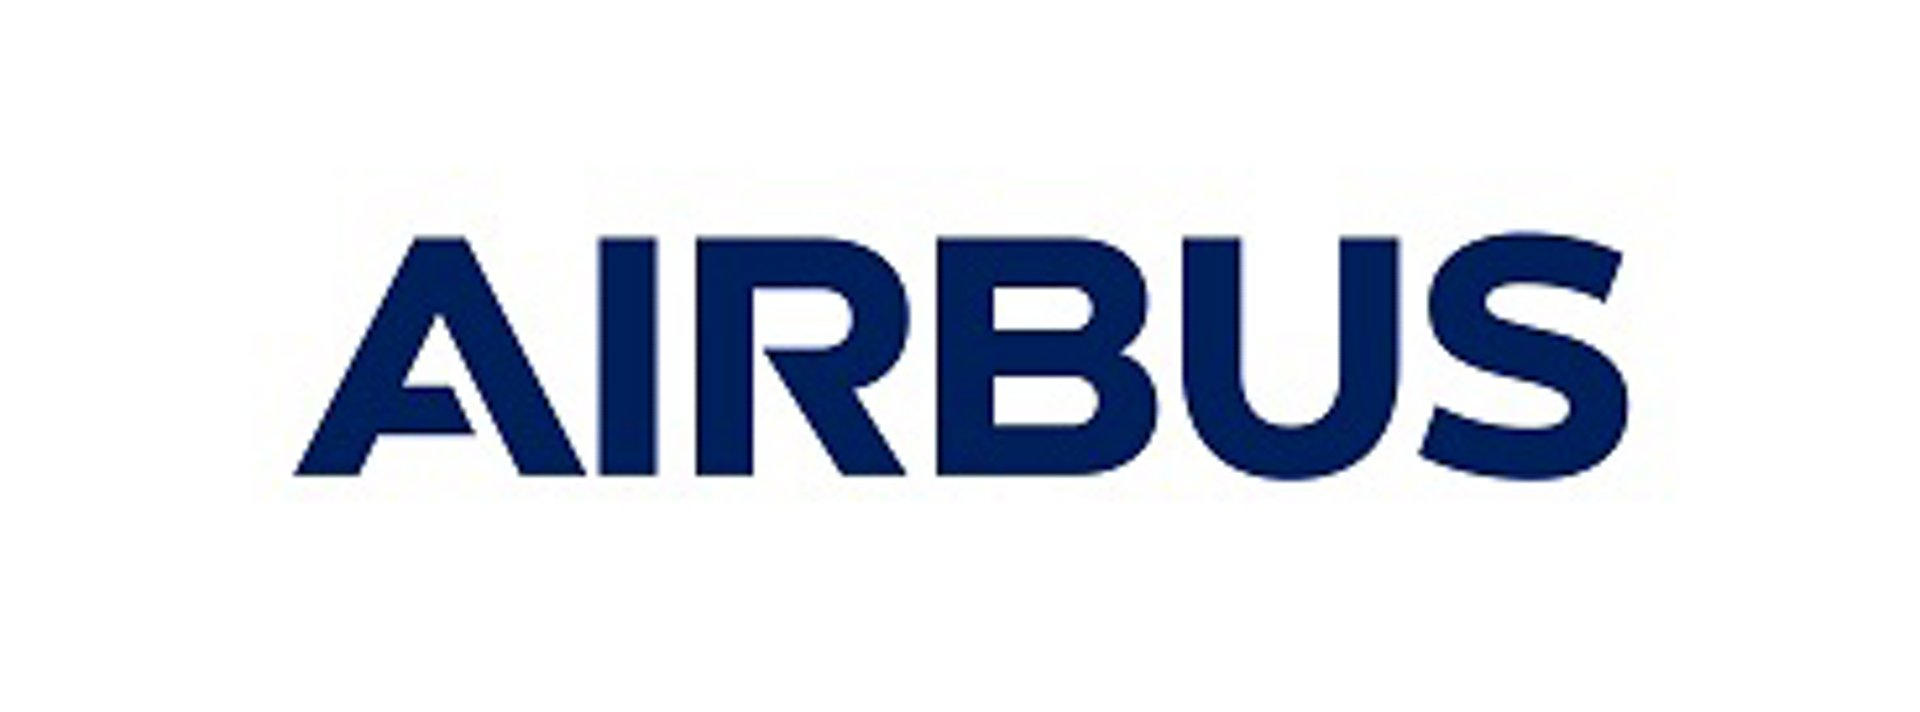 airbus-logo-blue-367 × 136